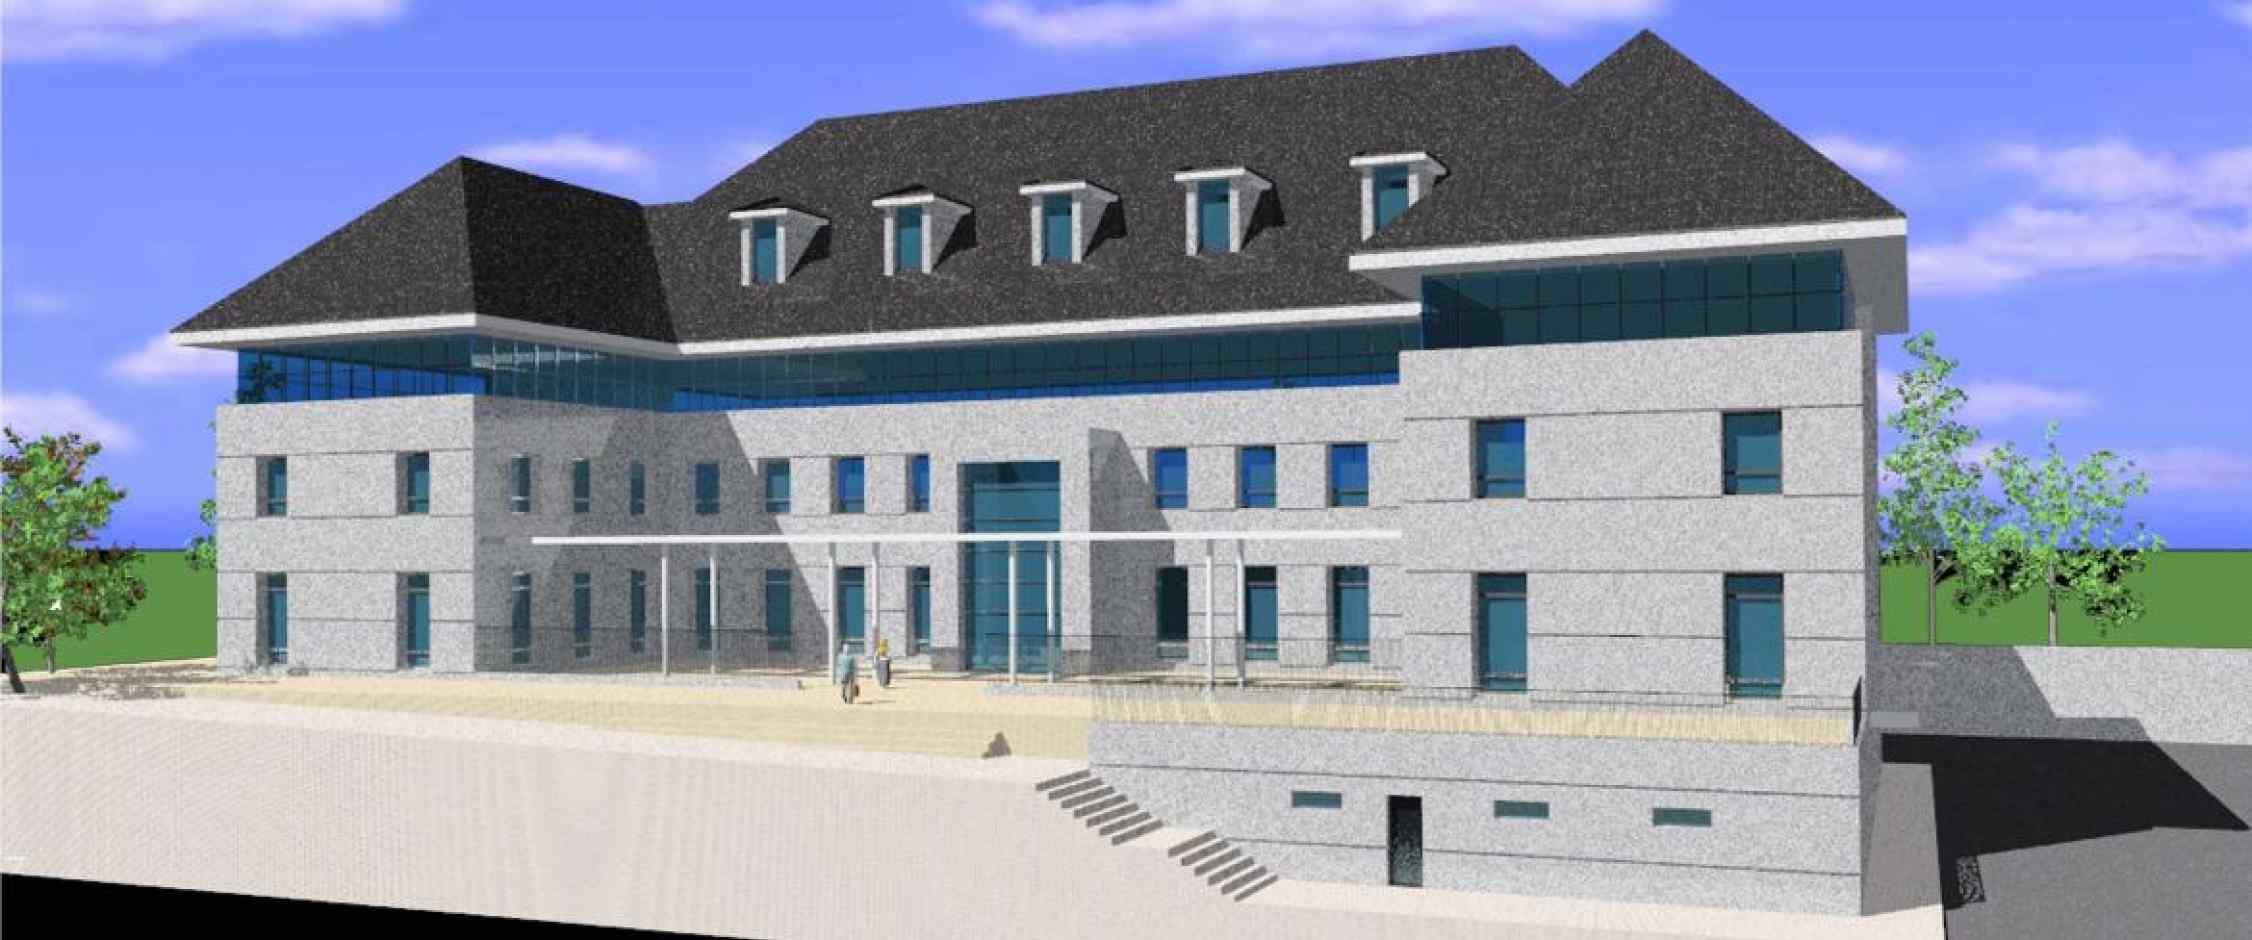 edifico-judicial-el-escorial